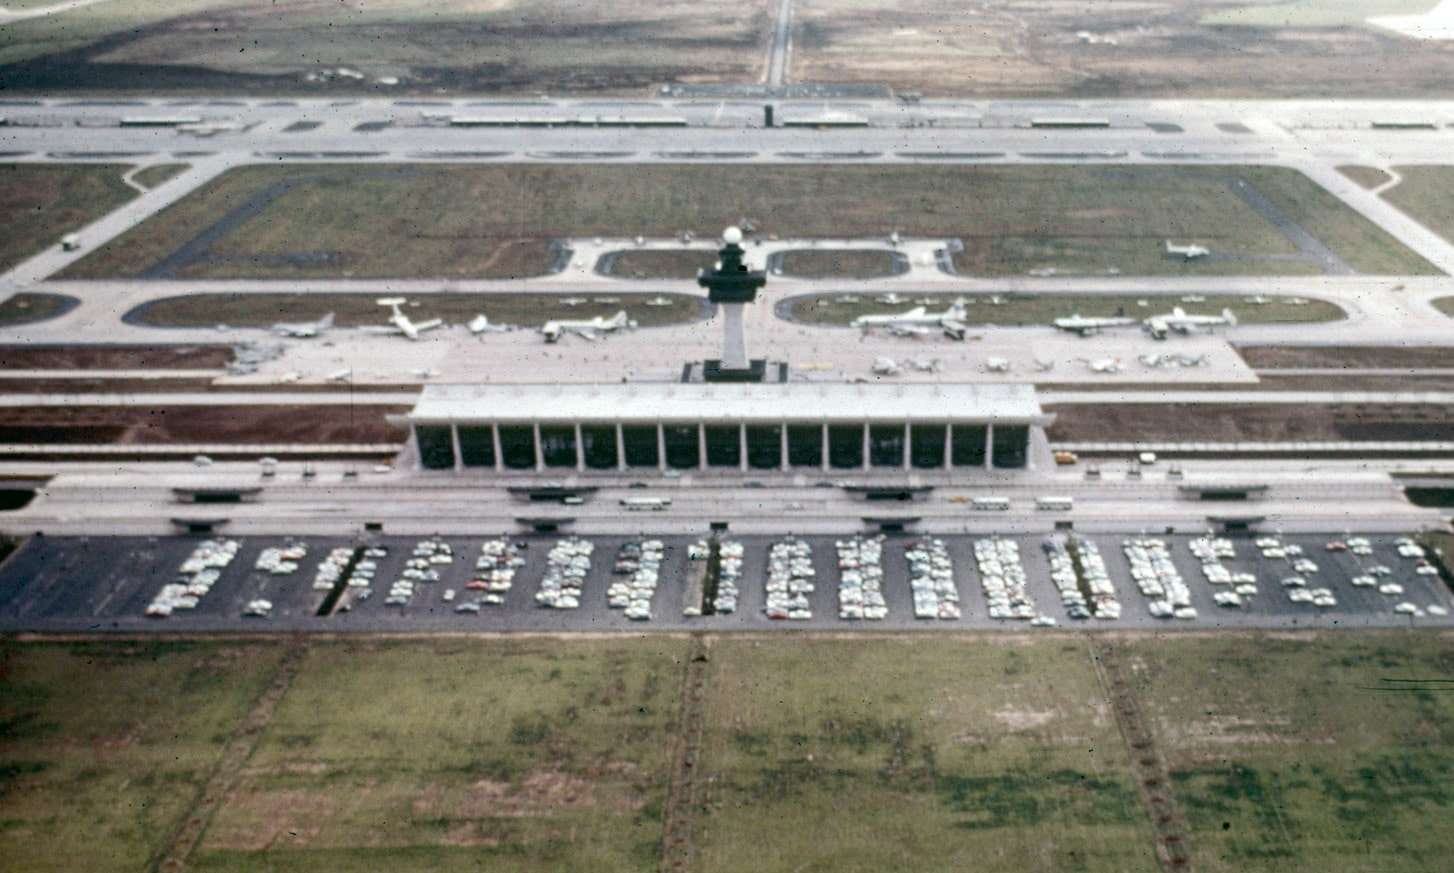 بتن سبک در فرودگاه Dulles